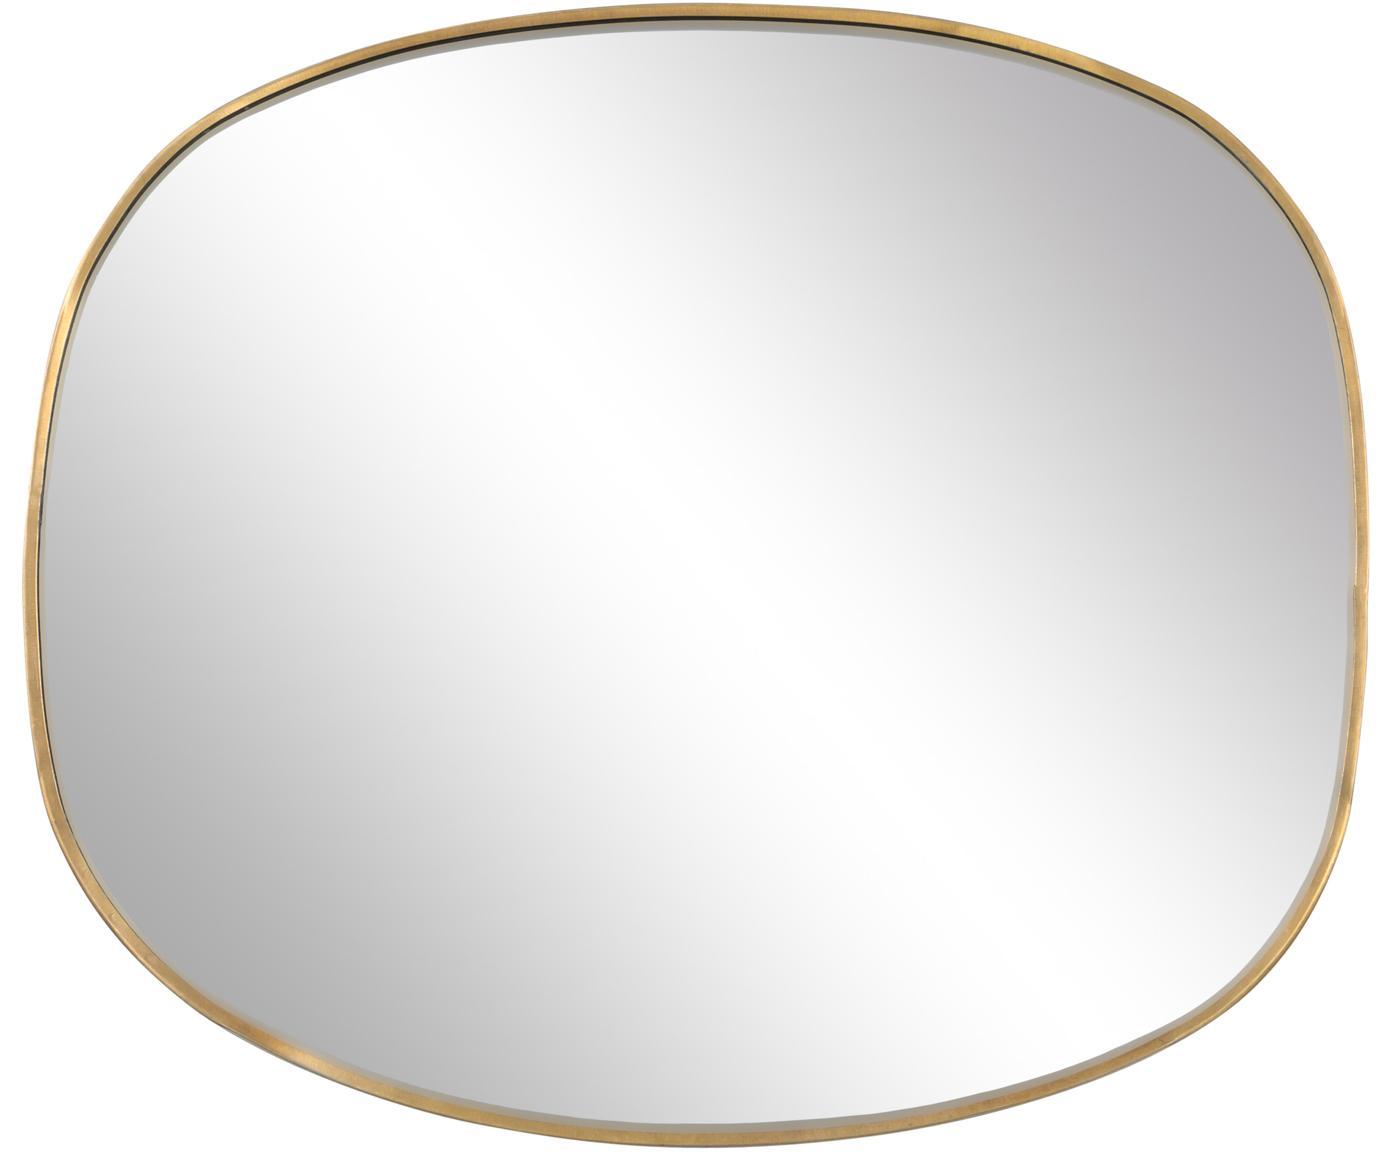 Specchio da parete Daily Pretty, Cornice: ottone, Superficie dello specchio: lastra di vetro, Ottone, Larg. 31 x Alt. 36 cm